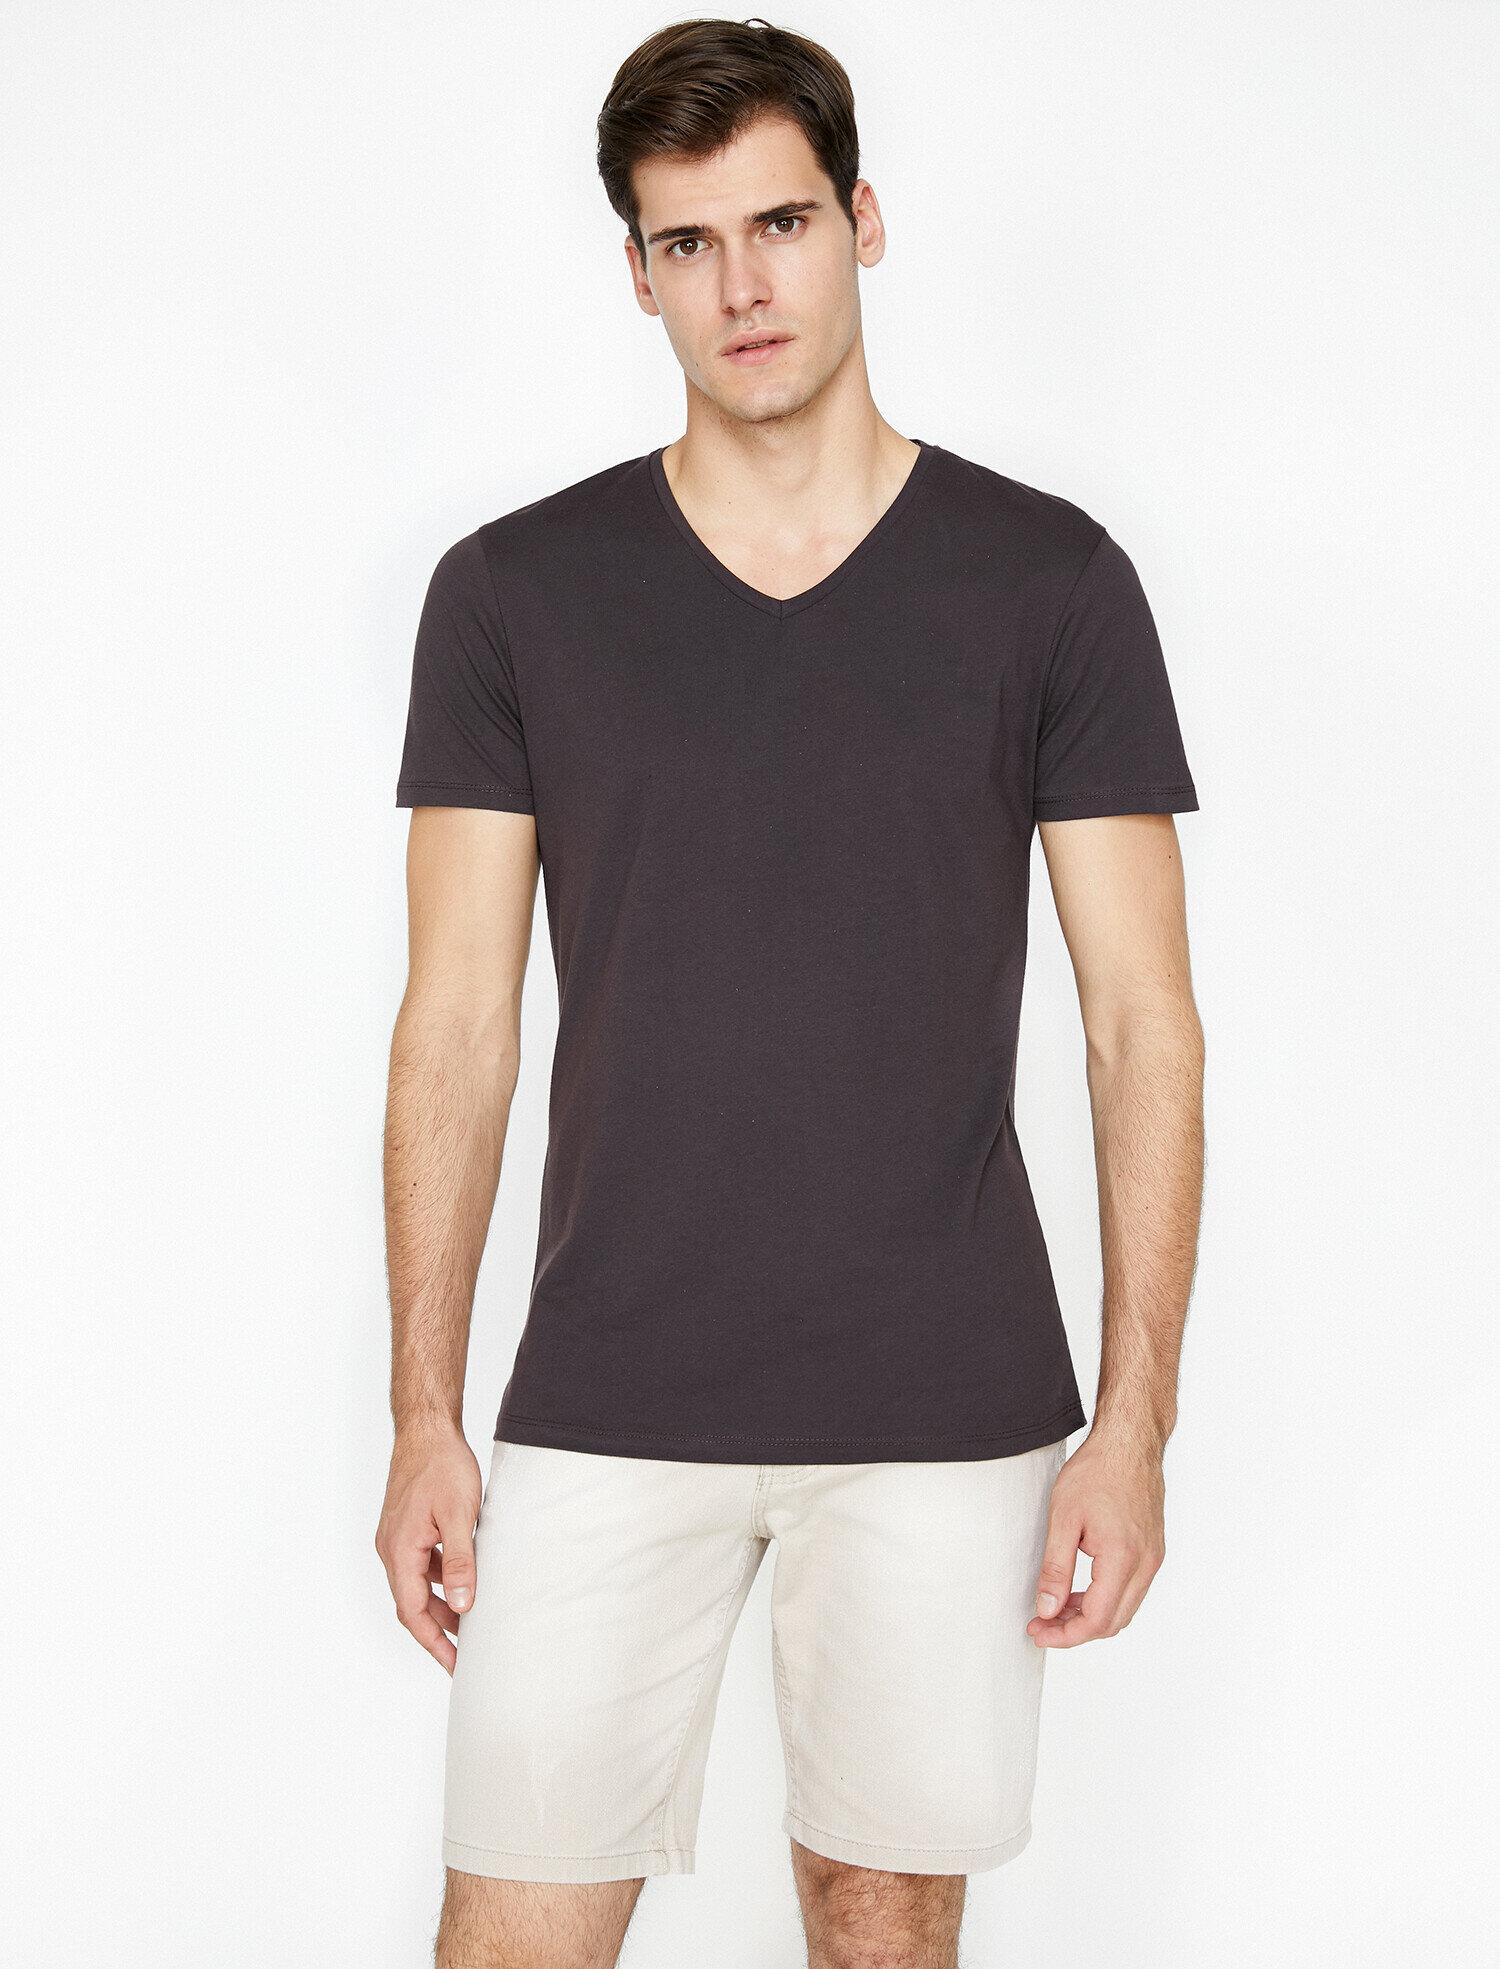 Koton Erkek V Yaka T-Shirt Mor Ürün Resmi